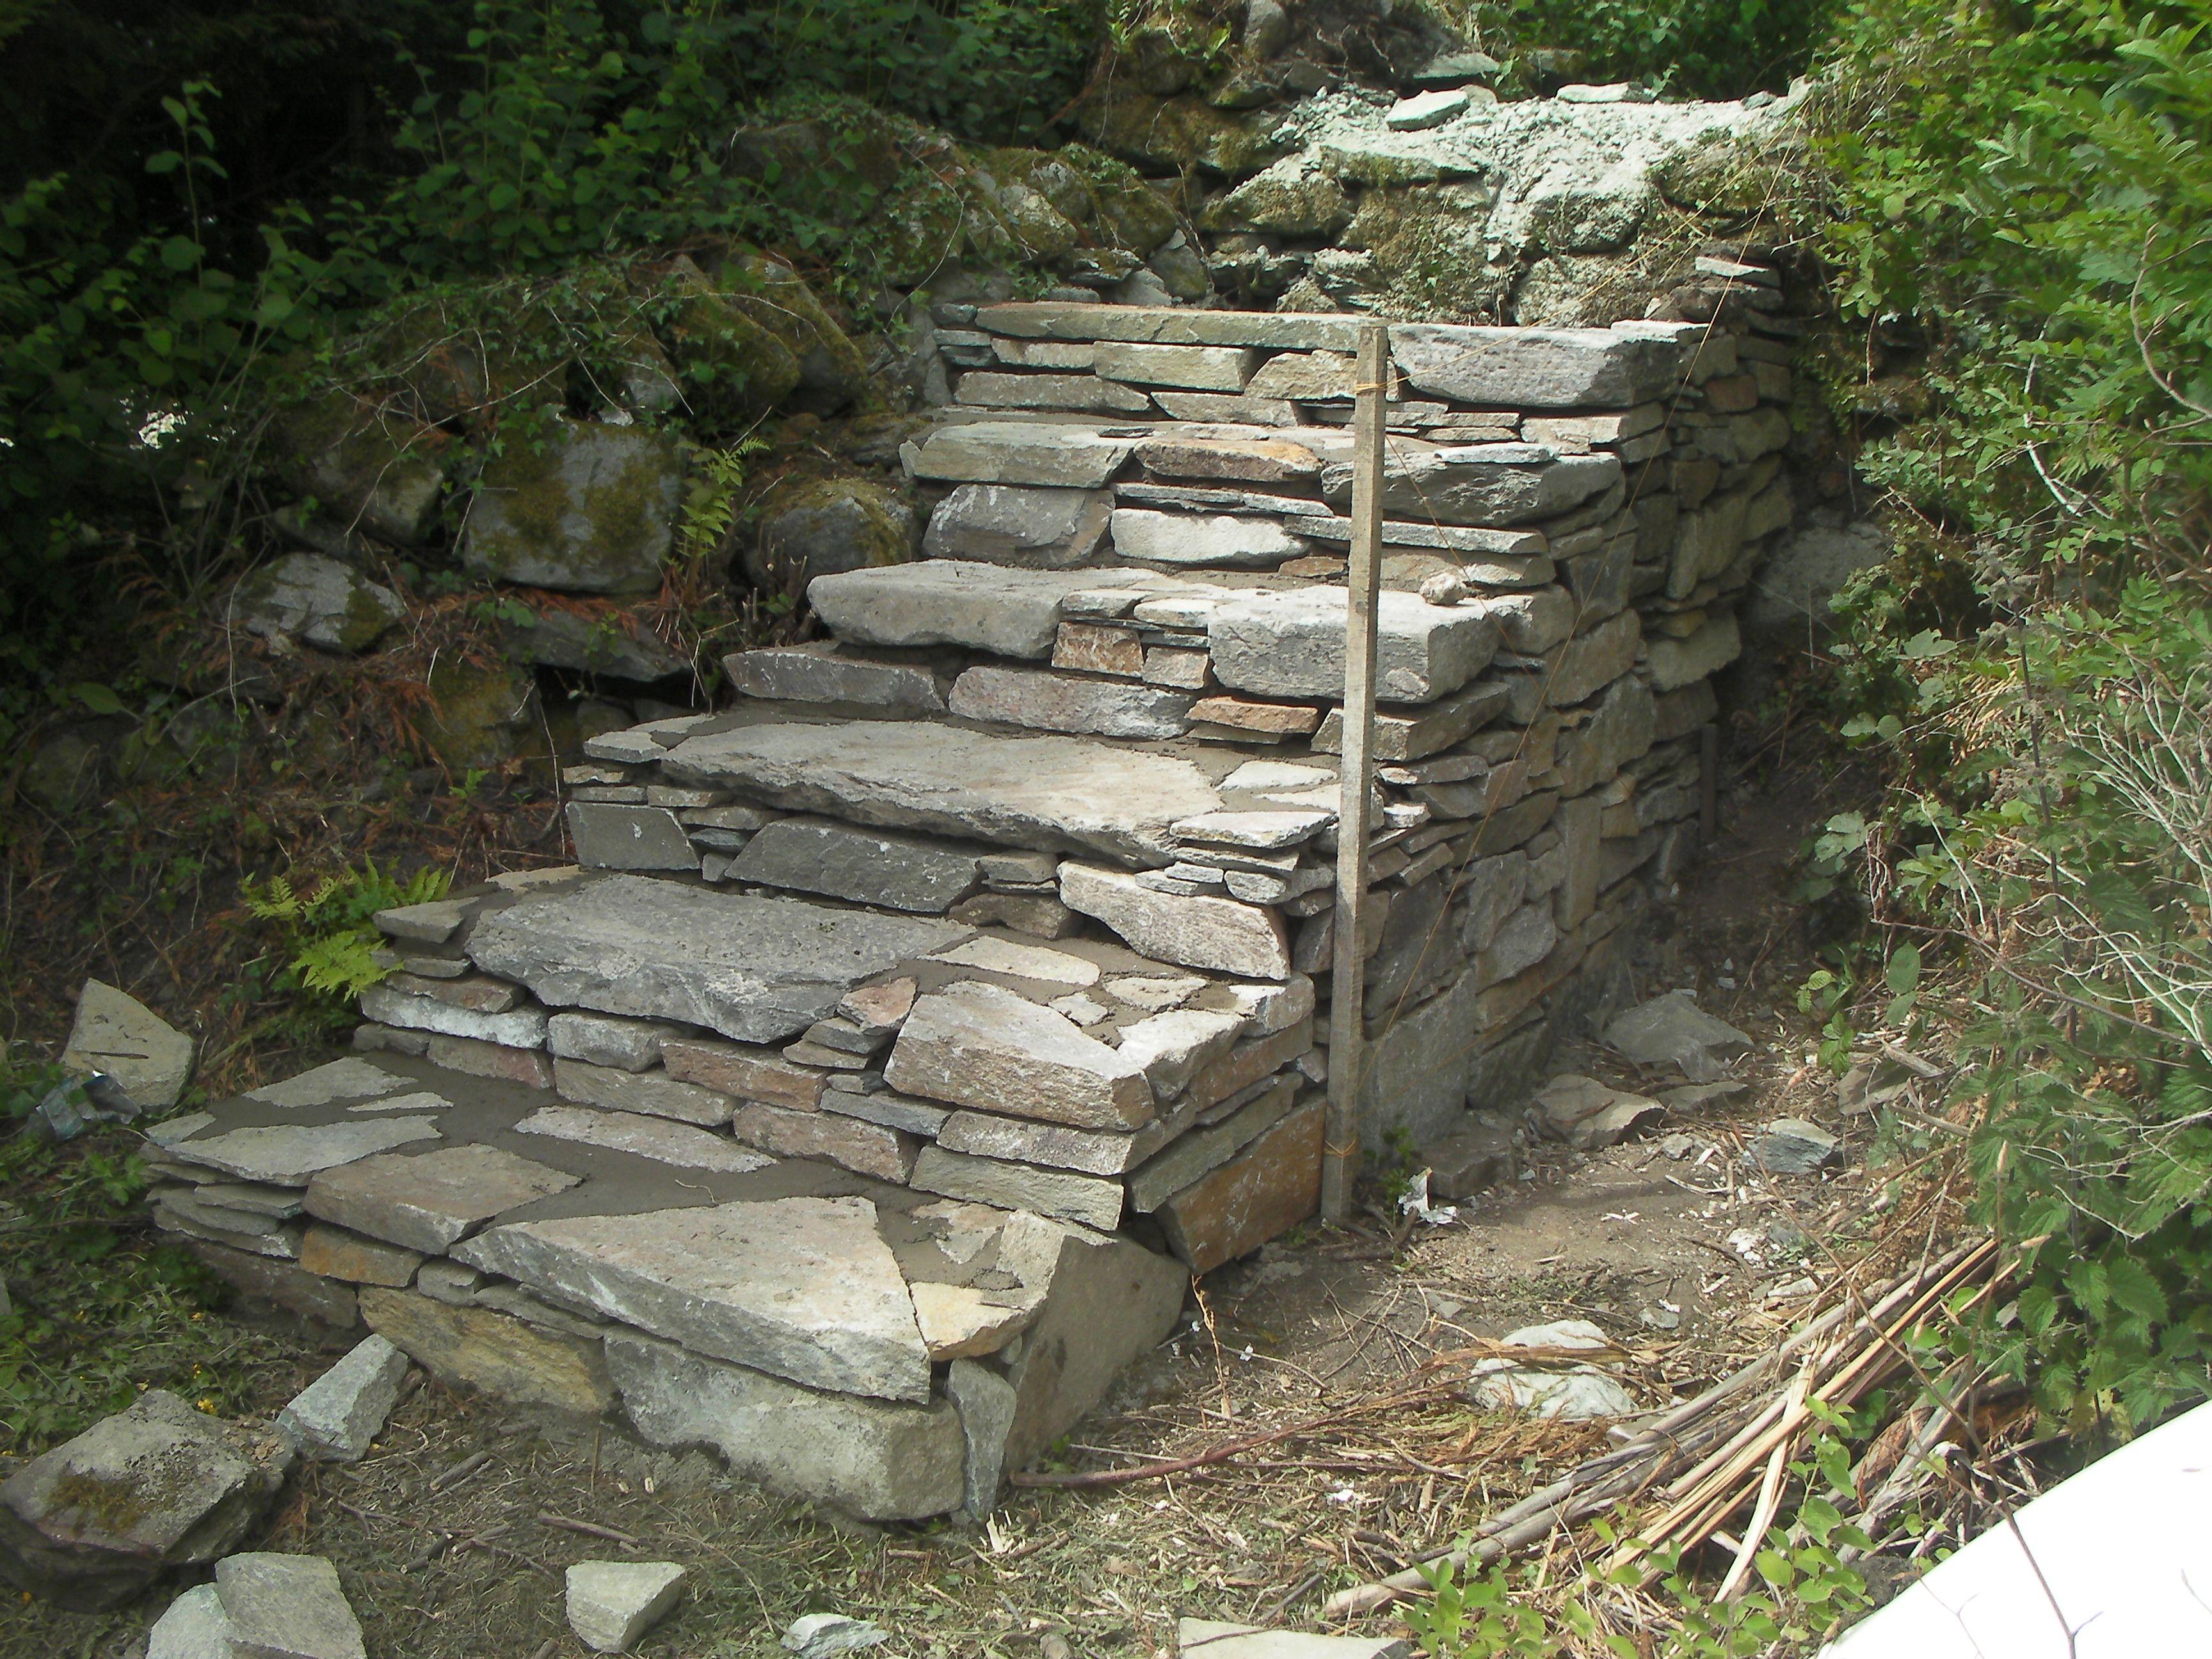 Stone Garden Steps Garden stones steps google search stone walls and steps garden stones steps google search workwithnaturefo